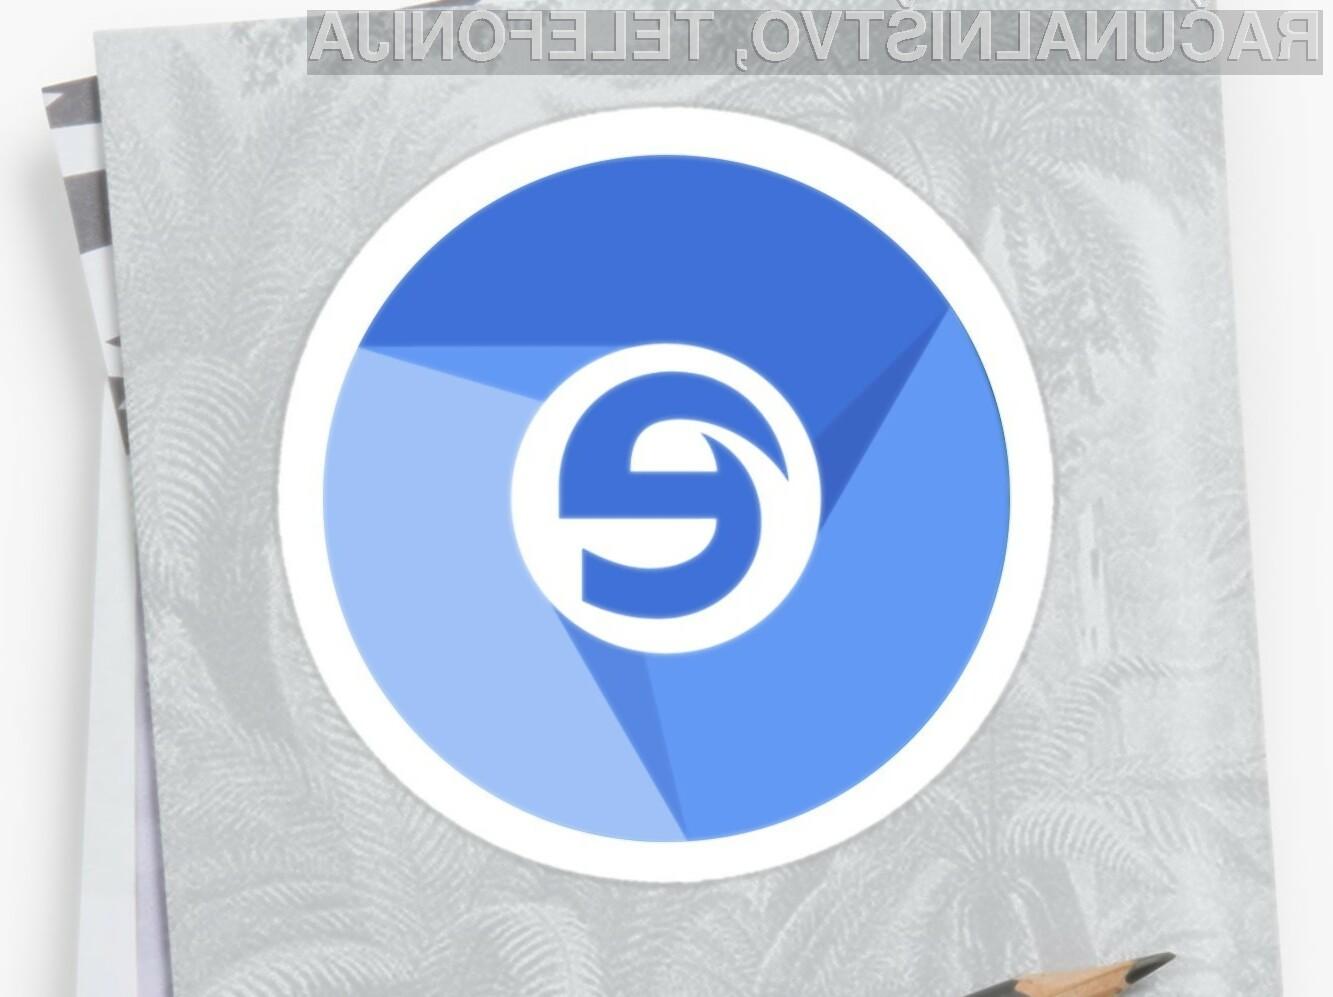 Spletni pogon Chromium je prepričal celo podjetje Microsoft.